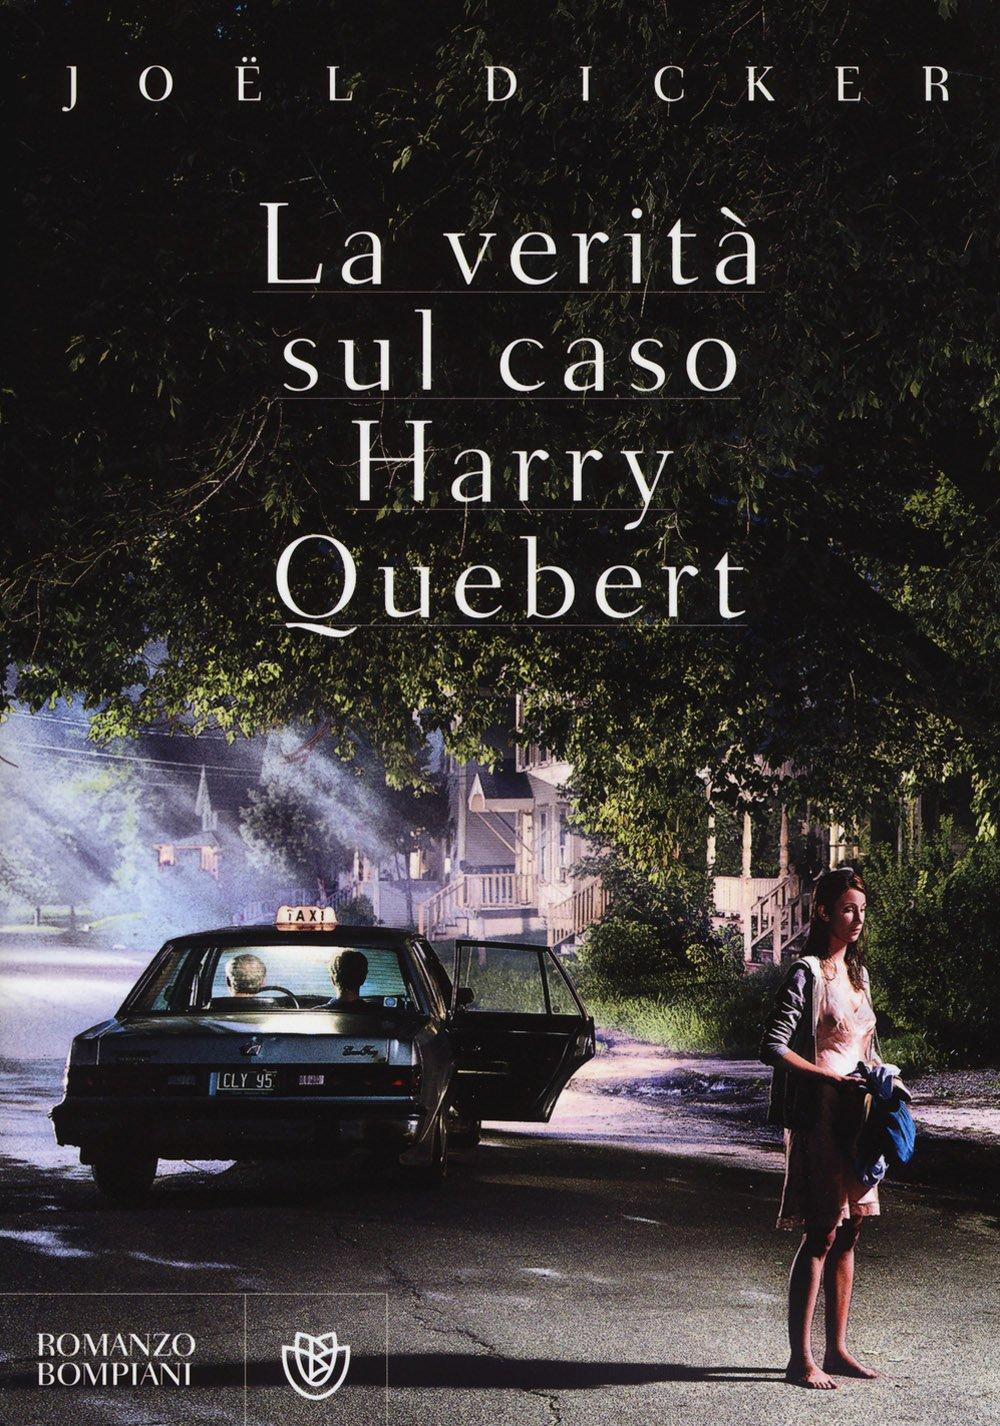 La Verità Sul Caso Harry Quebert Amazon It Dicker Joël Vega Vincenzo Libri